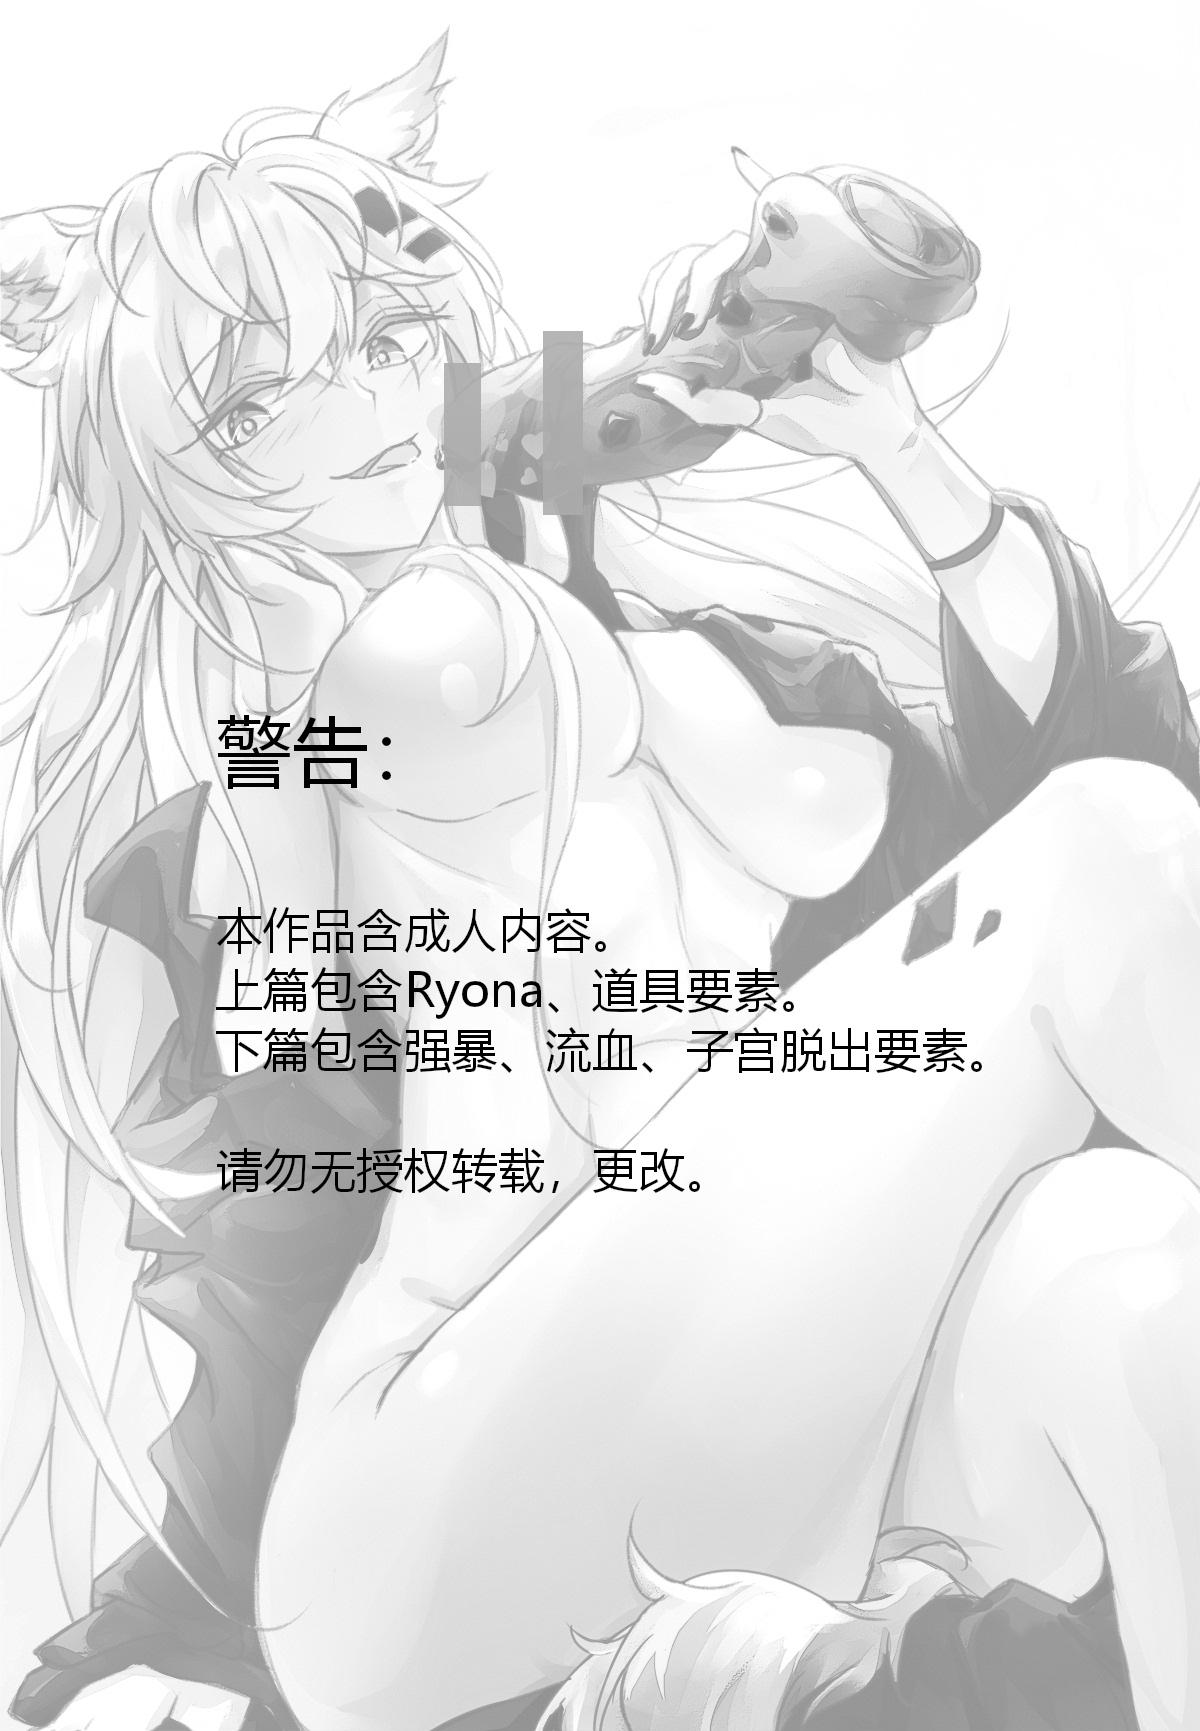 源力破壊(明日方舟) 1